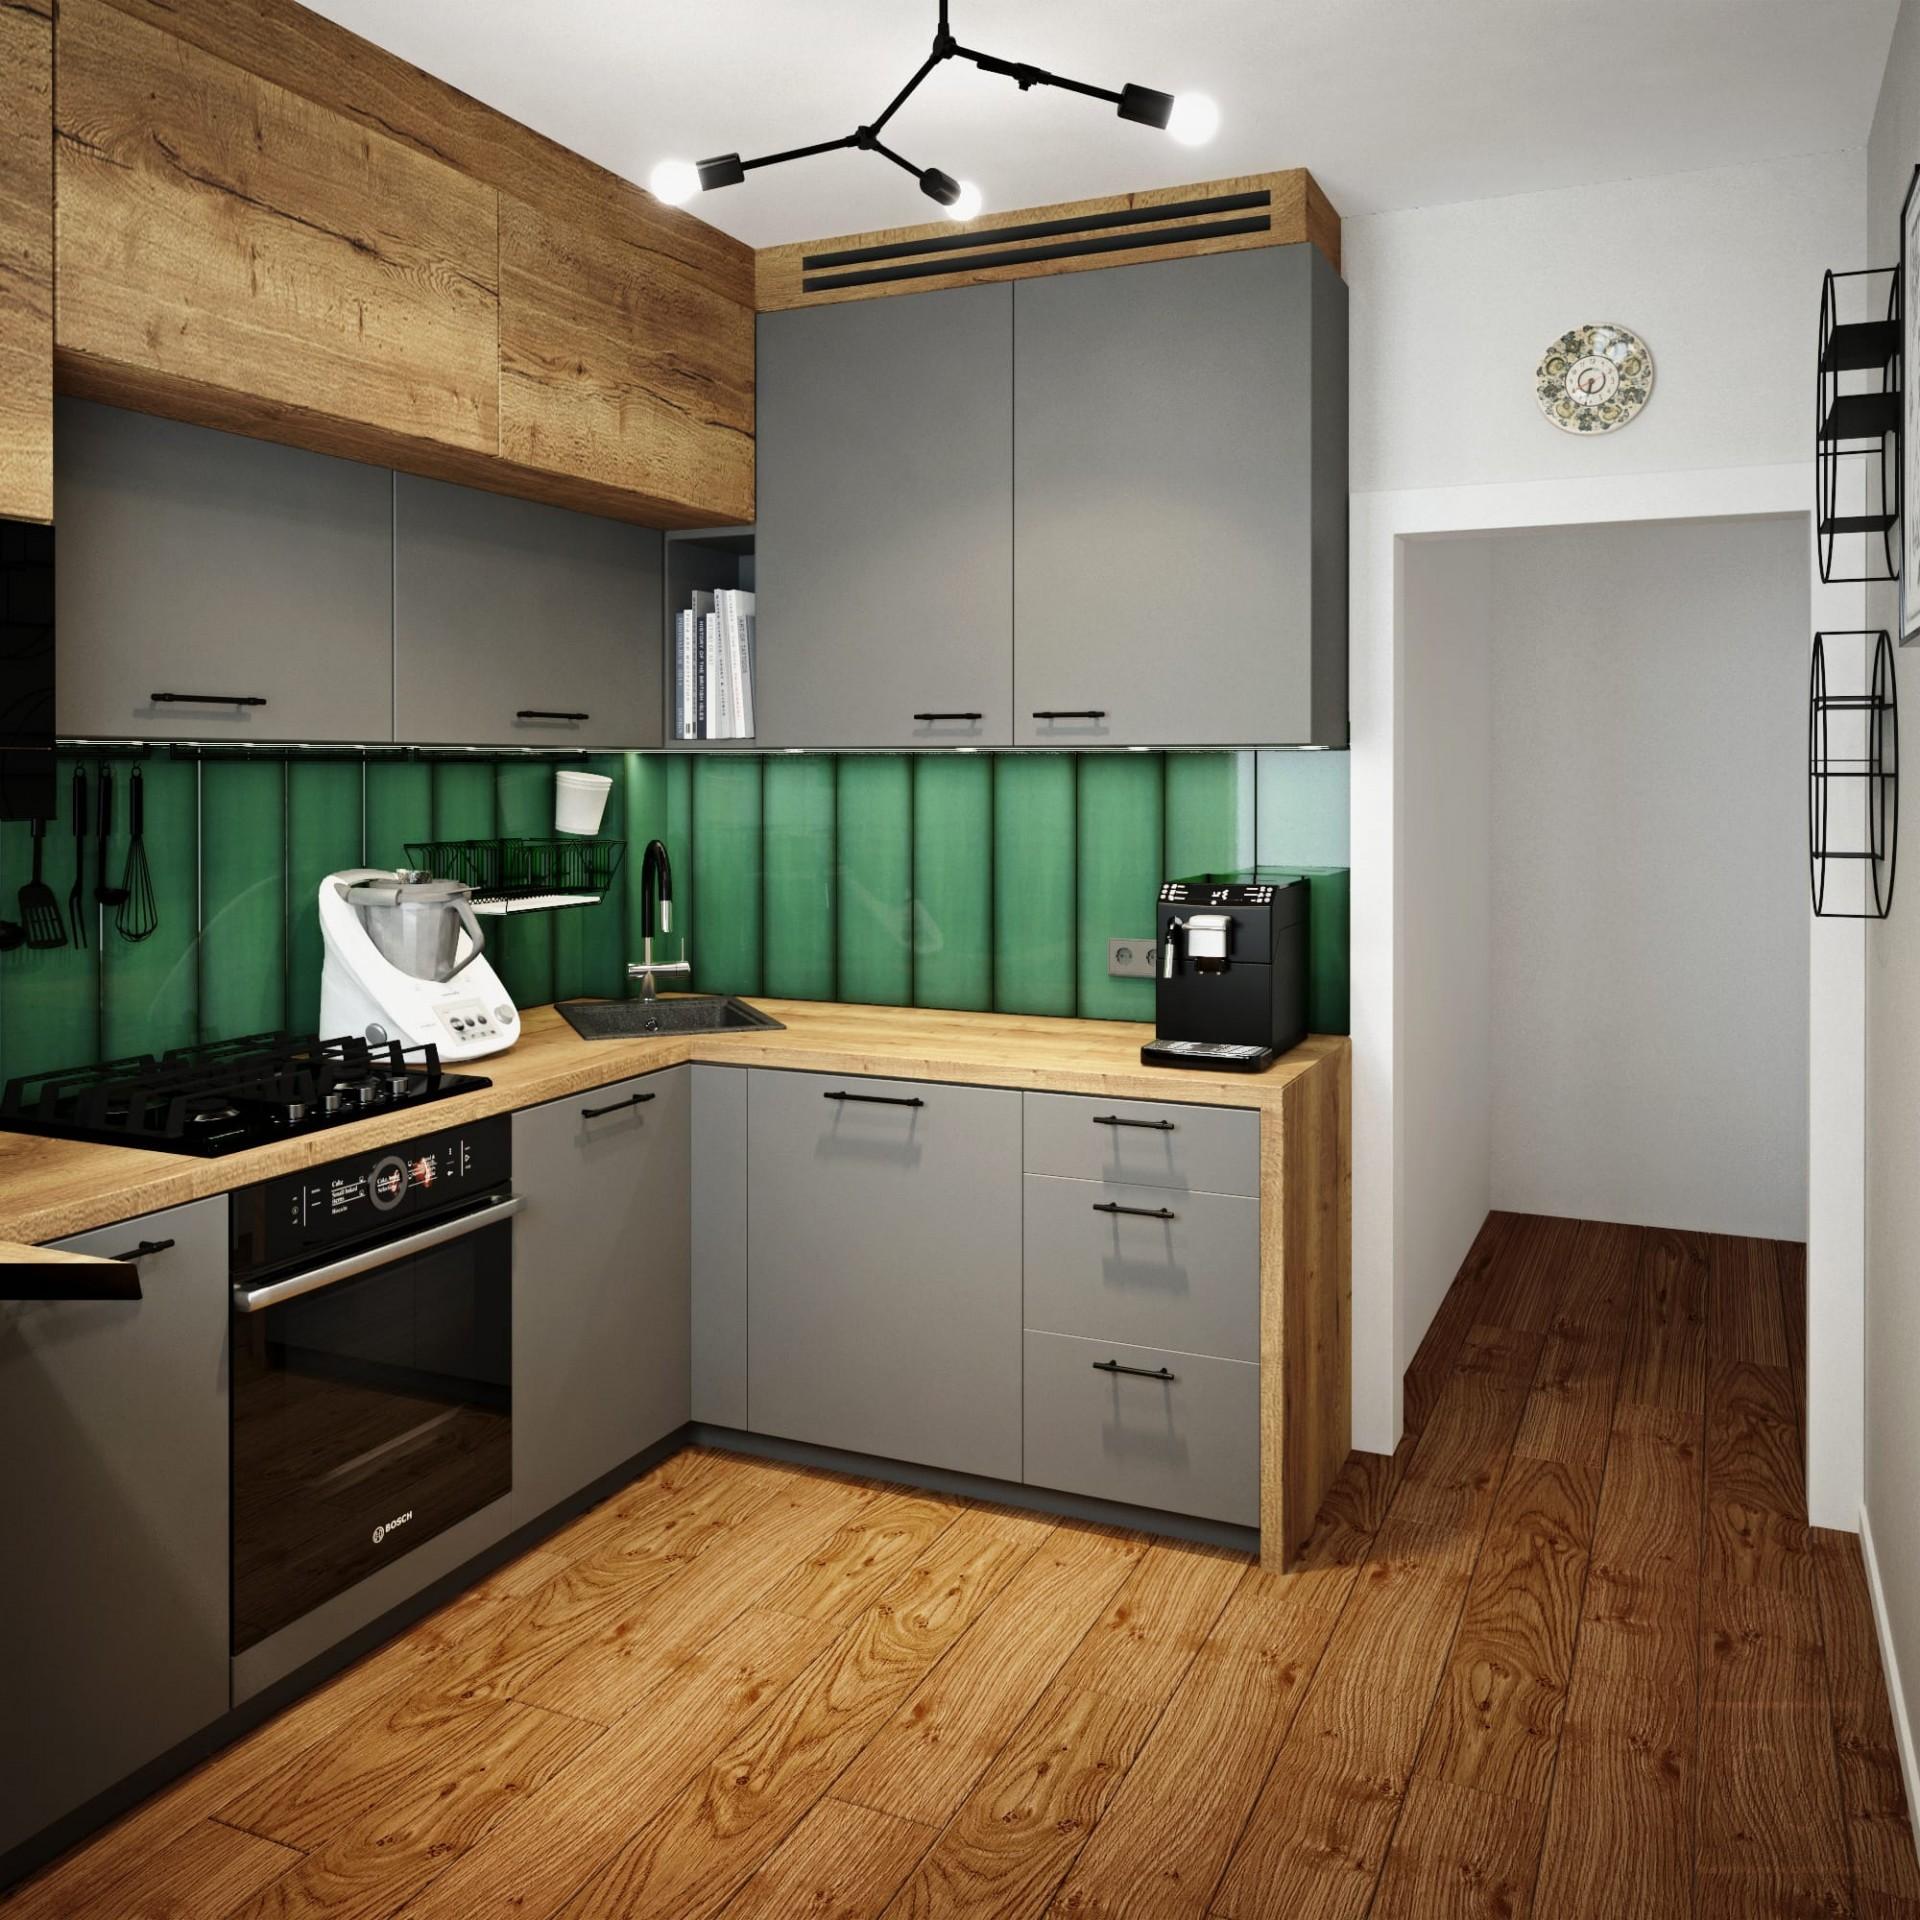 Kuchnia szara z zielonymi płytkami